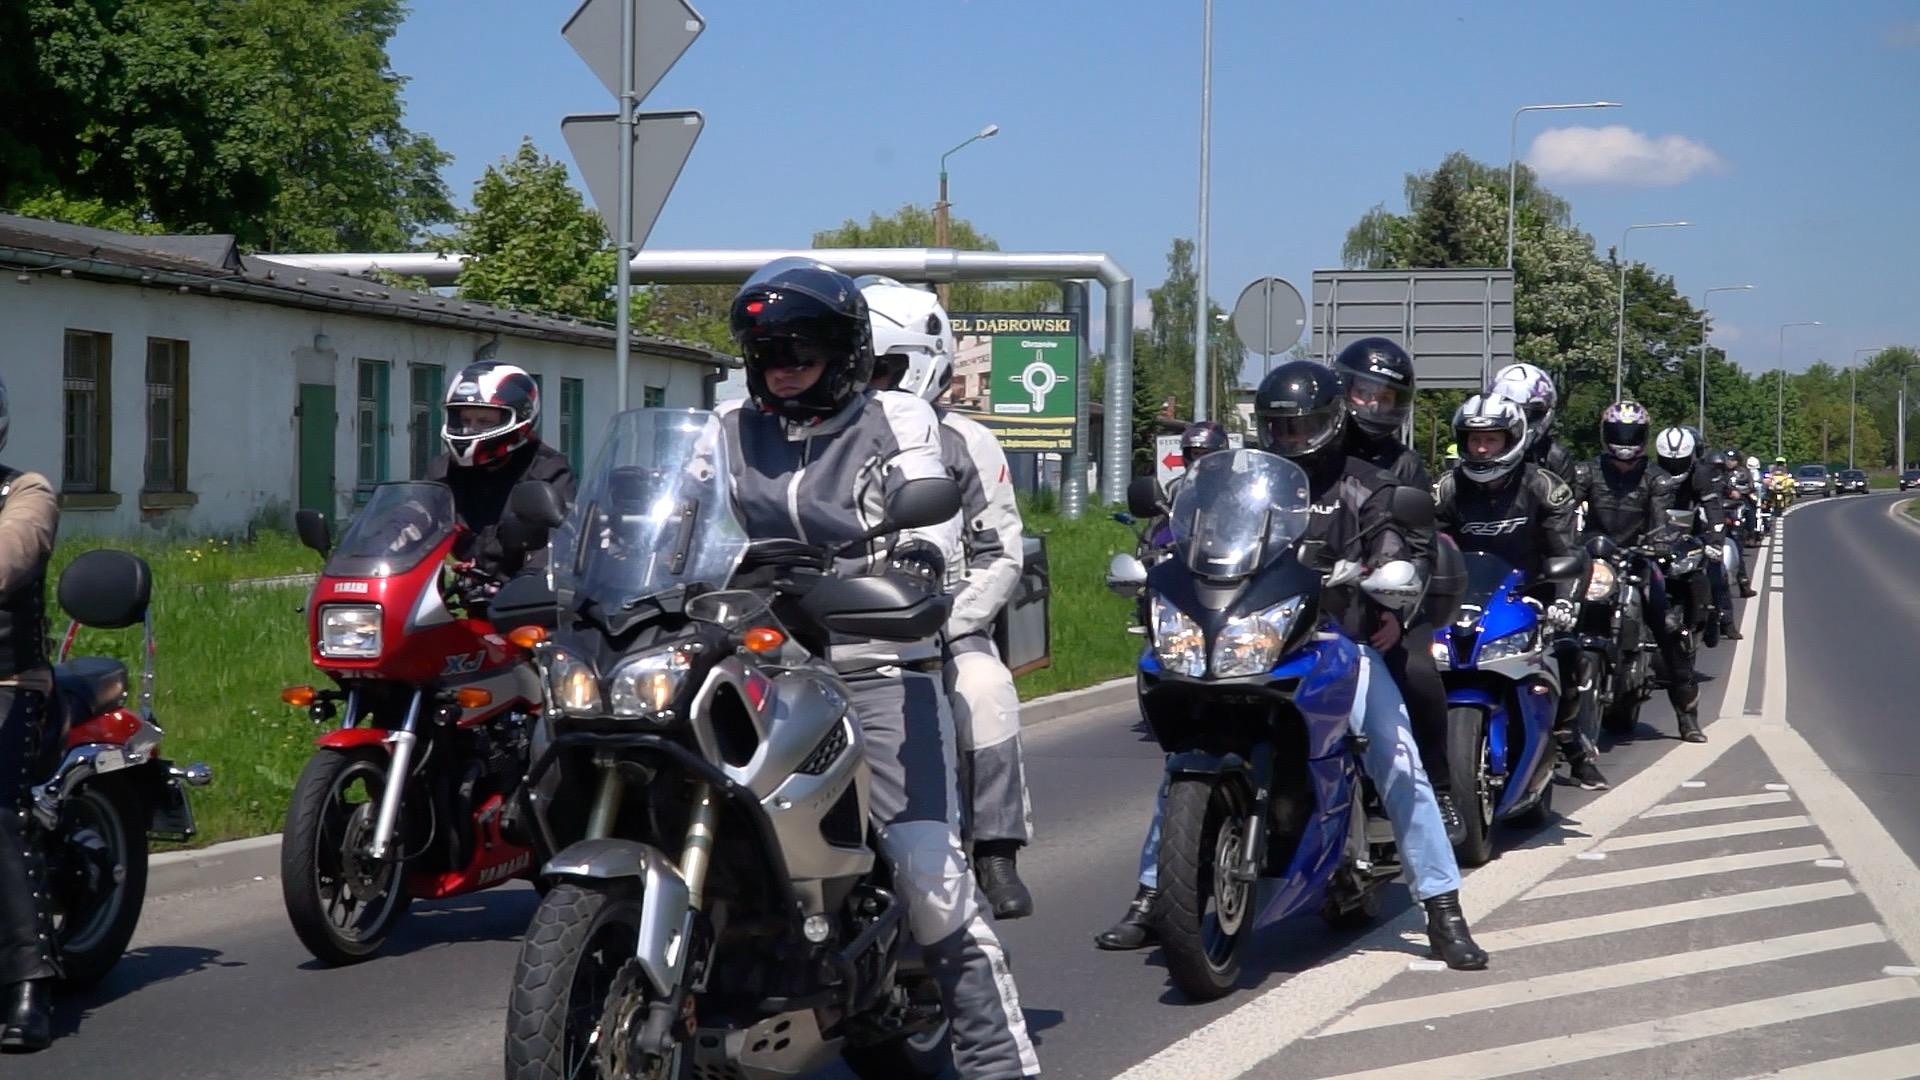 OŚWIĘCIM. Parada motocyklistów przejechała ulicami miasta